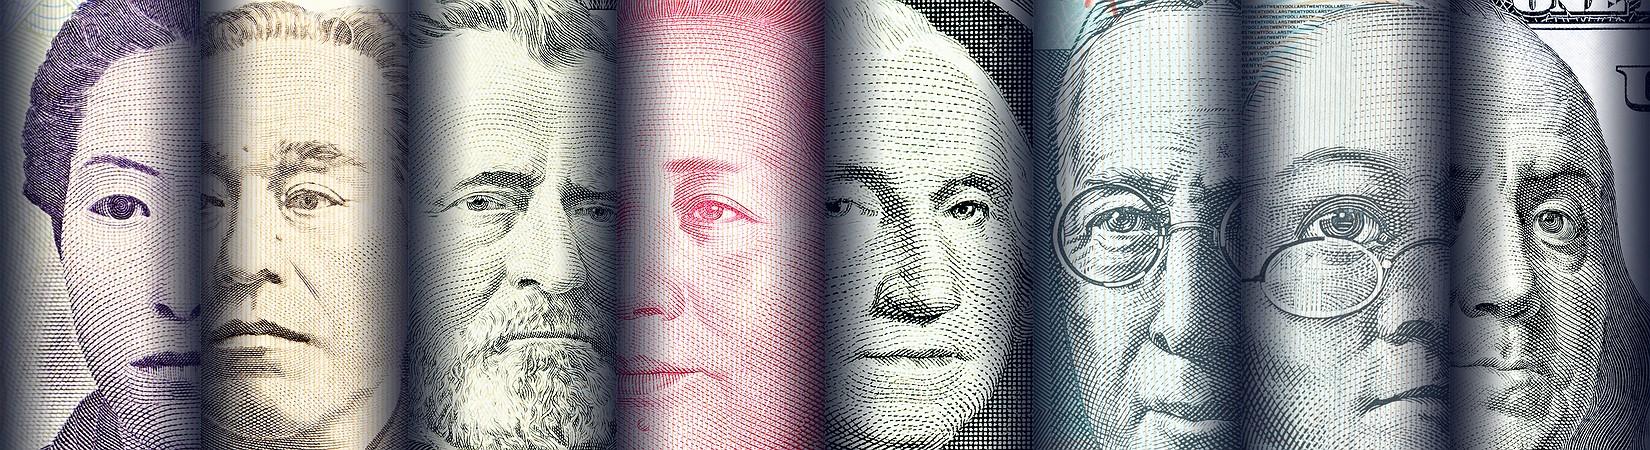 Come la politica ha influenzato il mercato valutario quest'anno